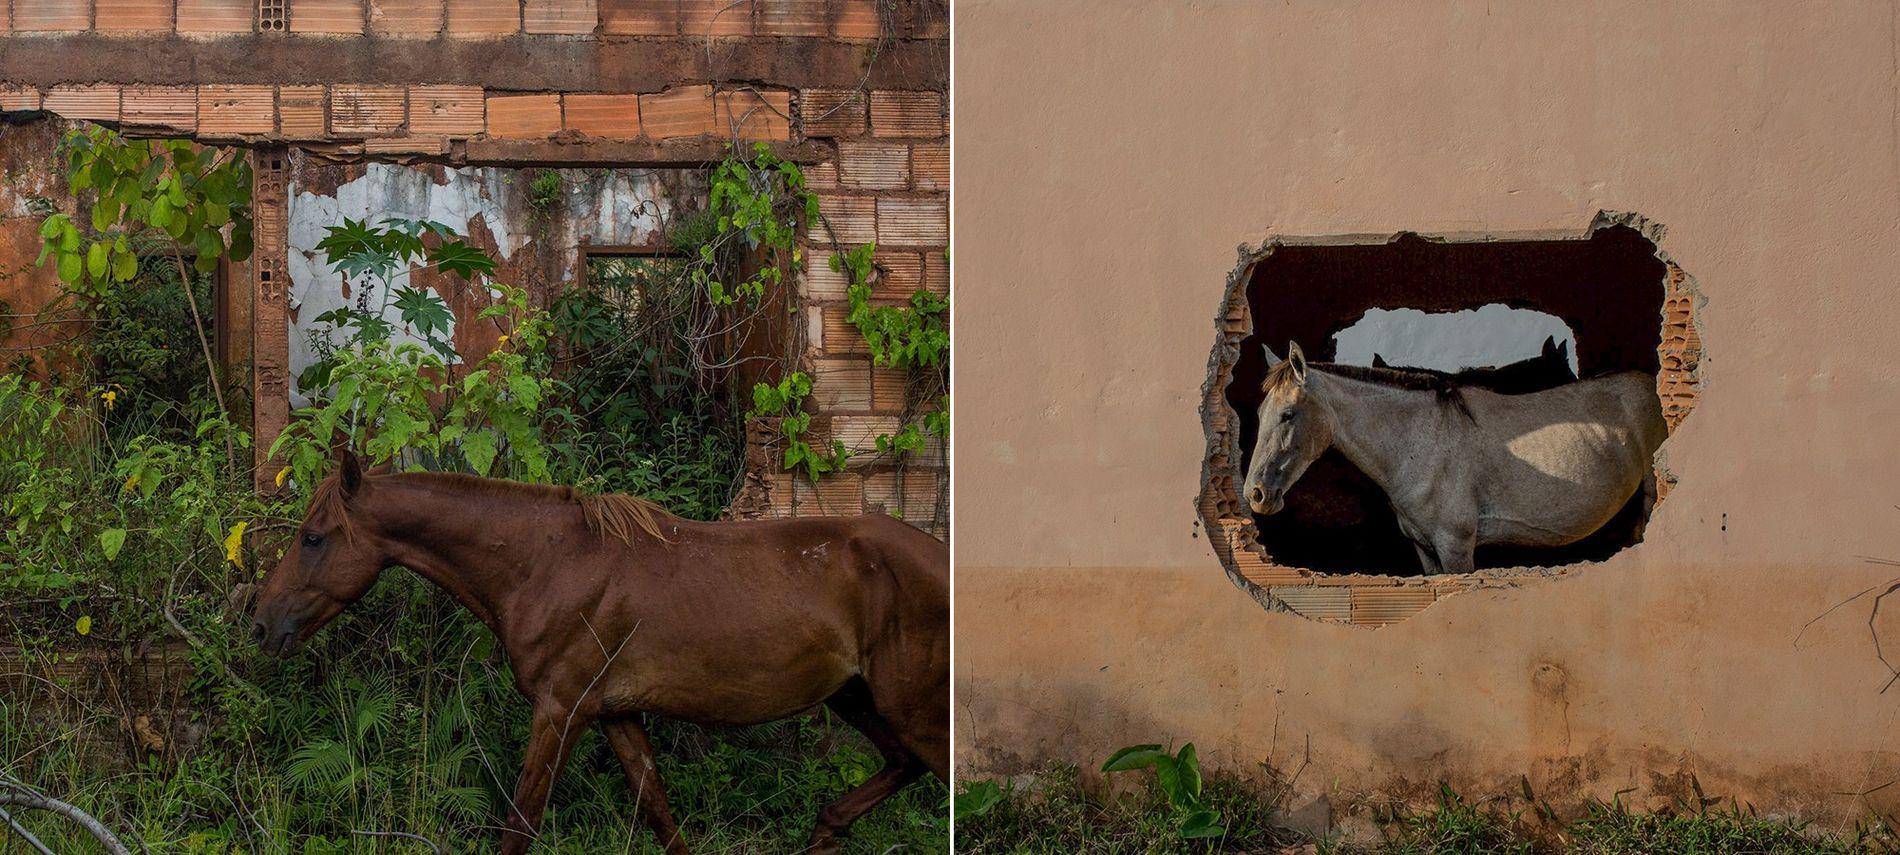 Alimentando-se do mato alto que agora encobre todo o povoado fantasma, os cavalos são os únicos ...